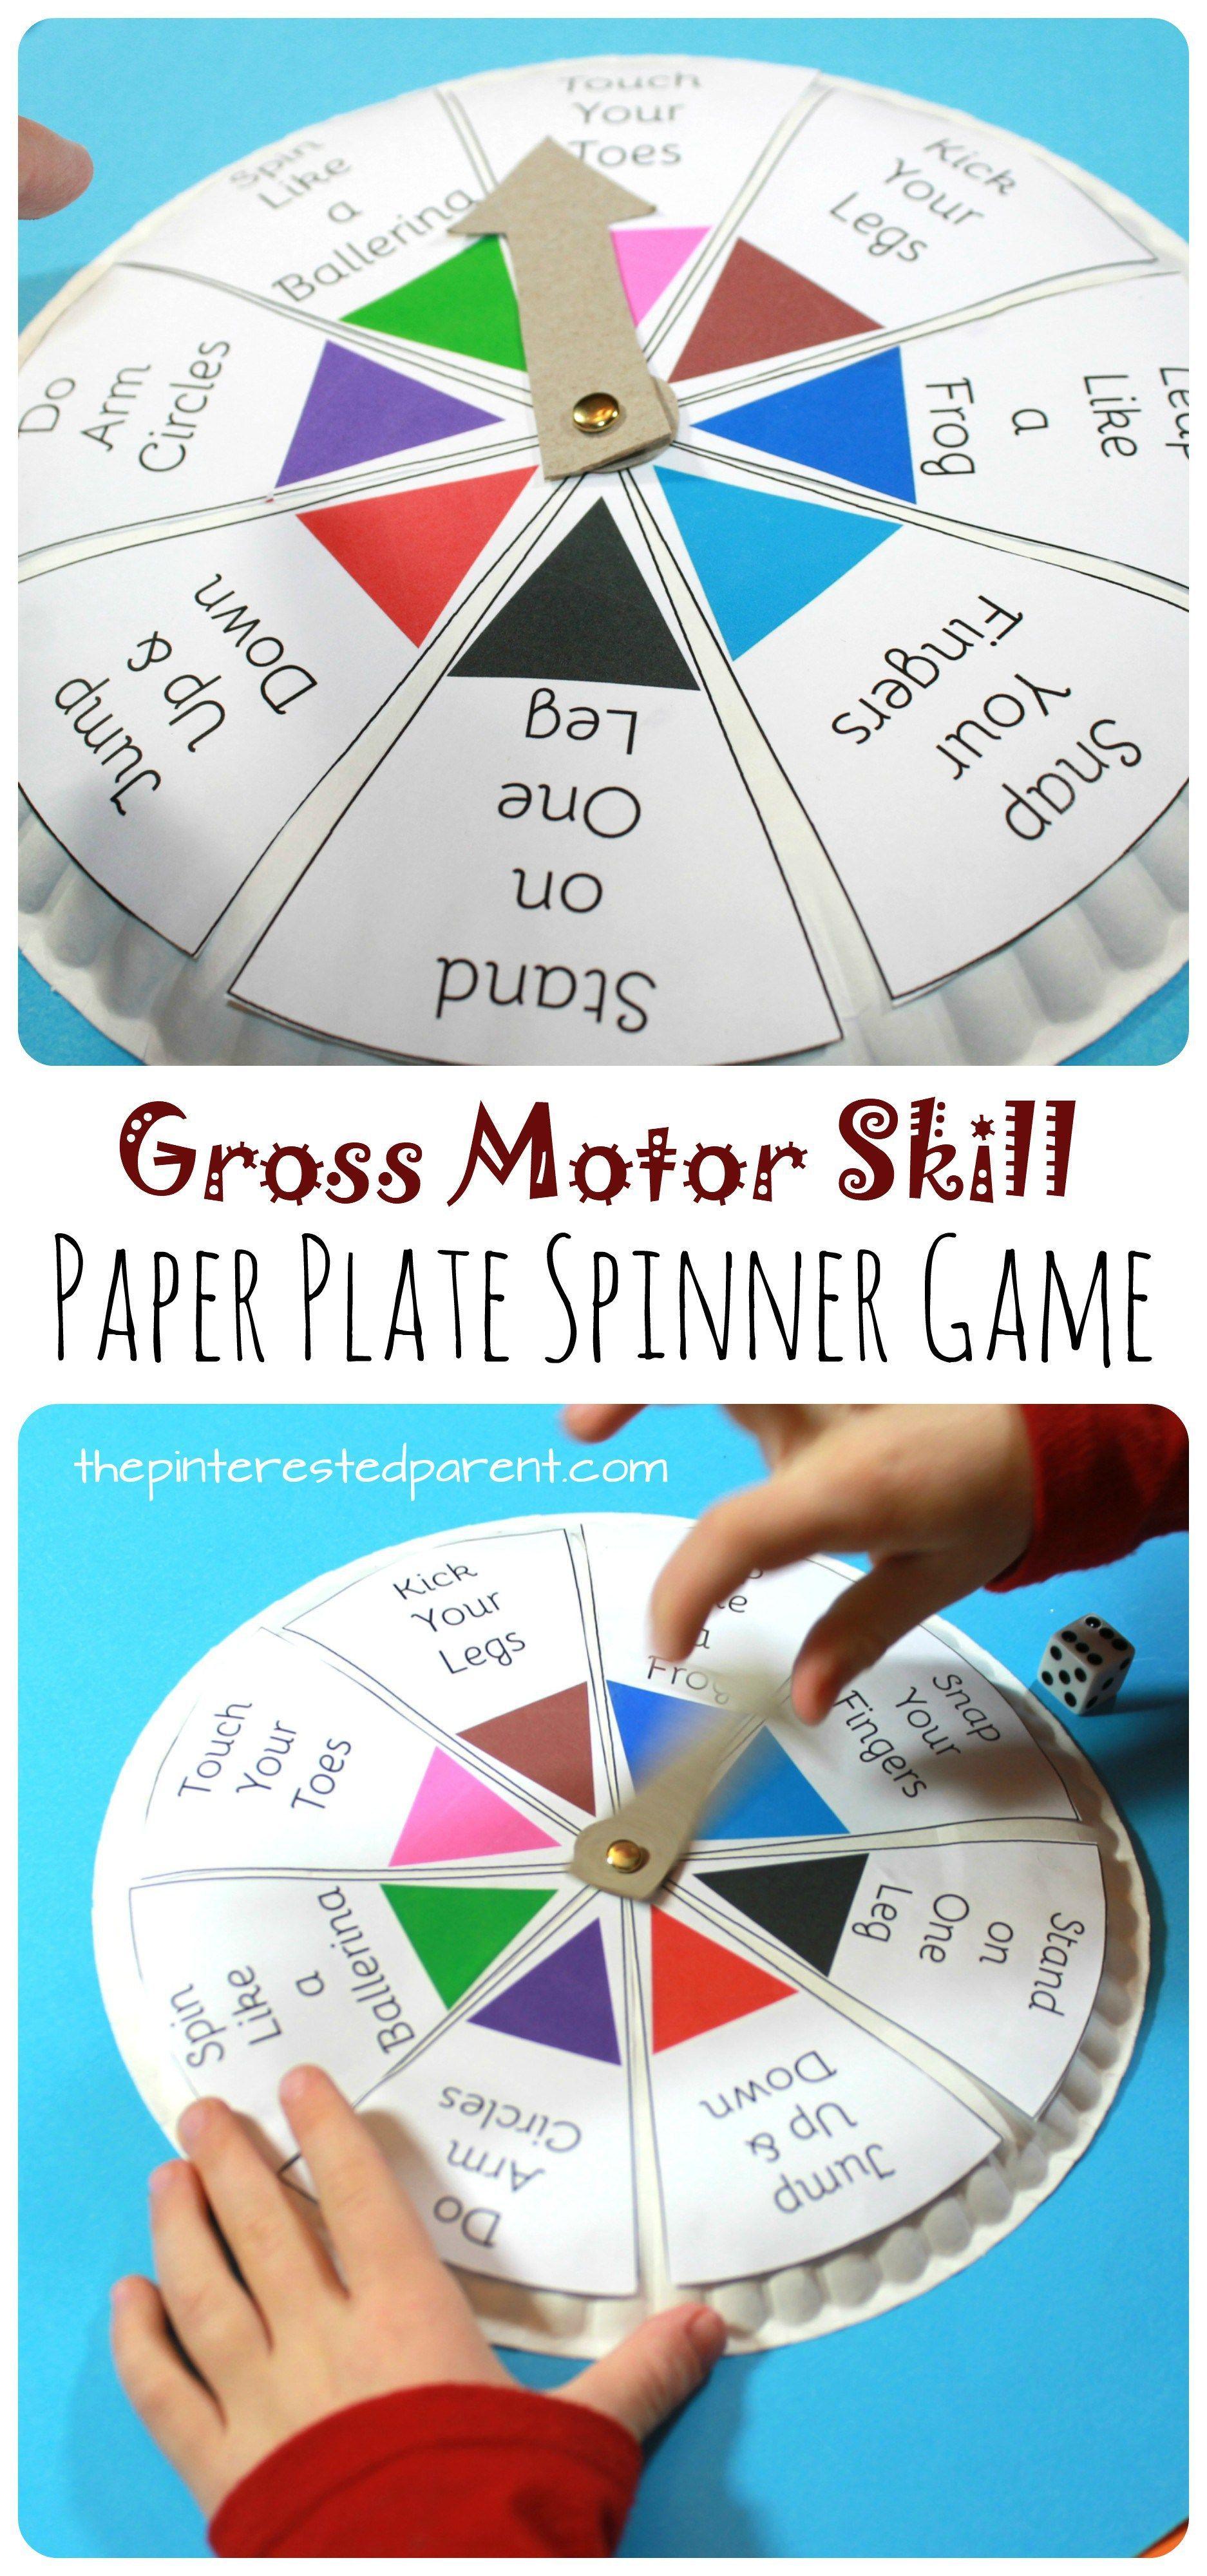 Spin, Roll & Count Gross Motor Skill Game | Pinterest | Gross motor ...